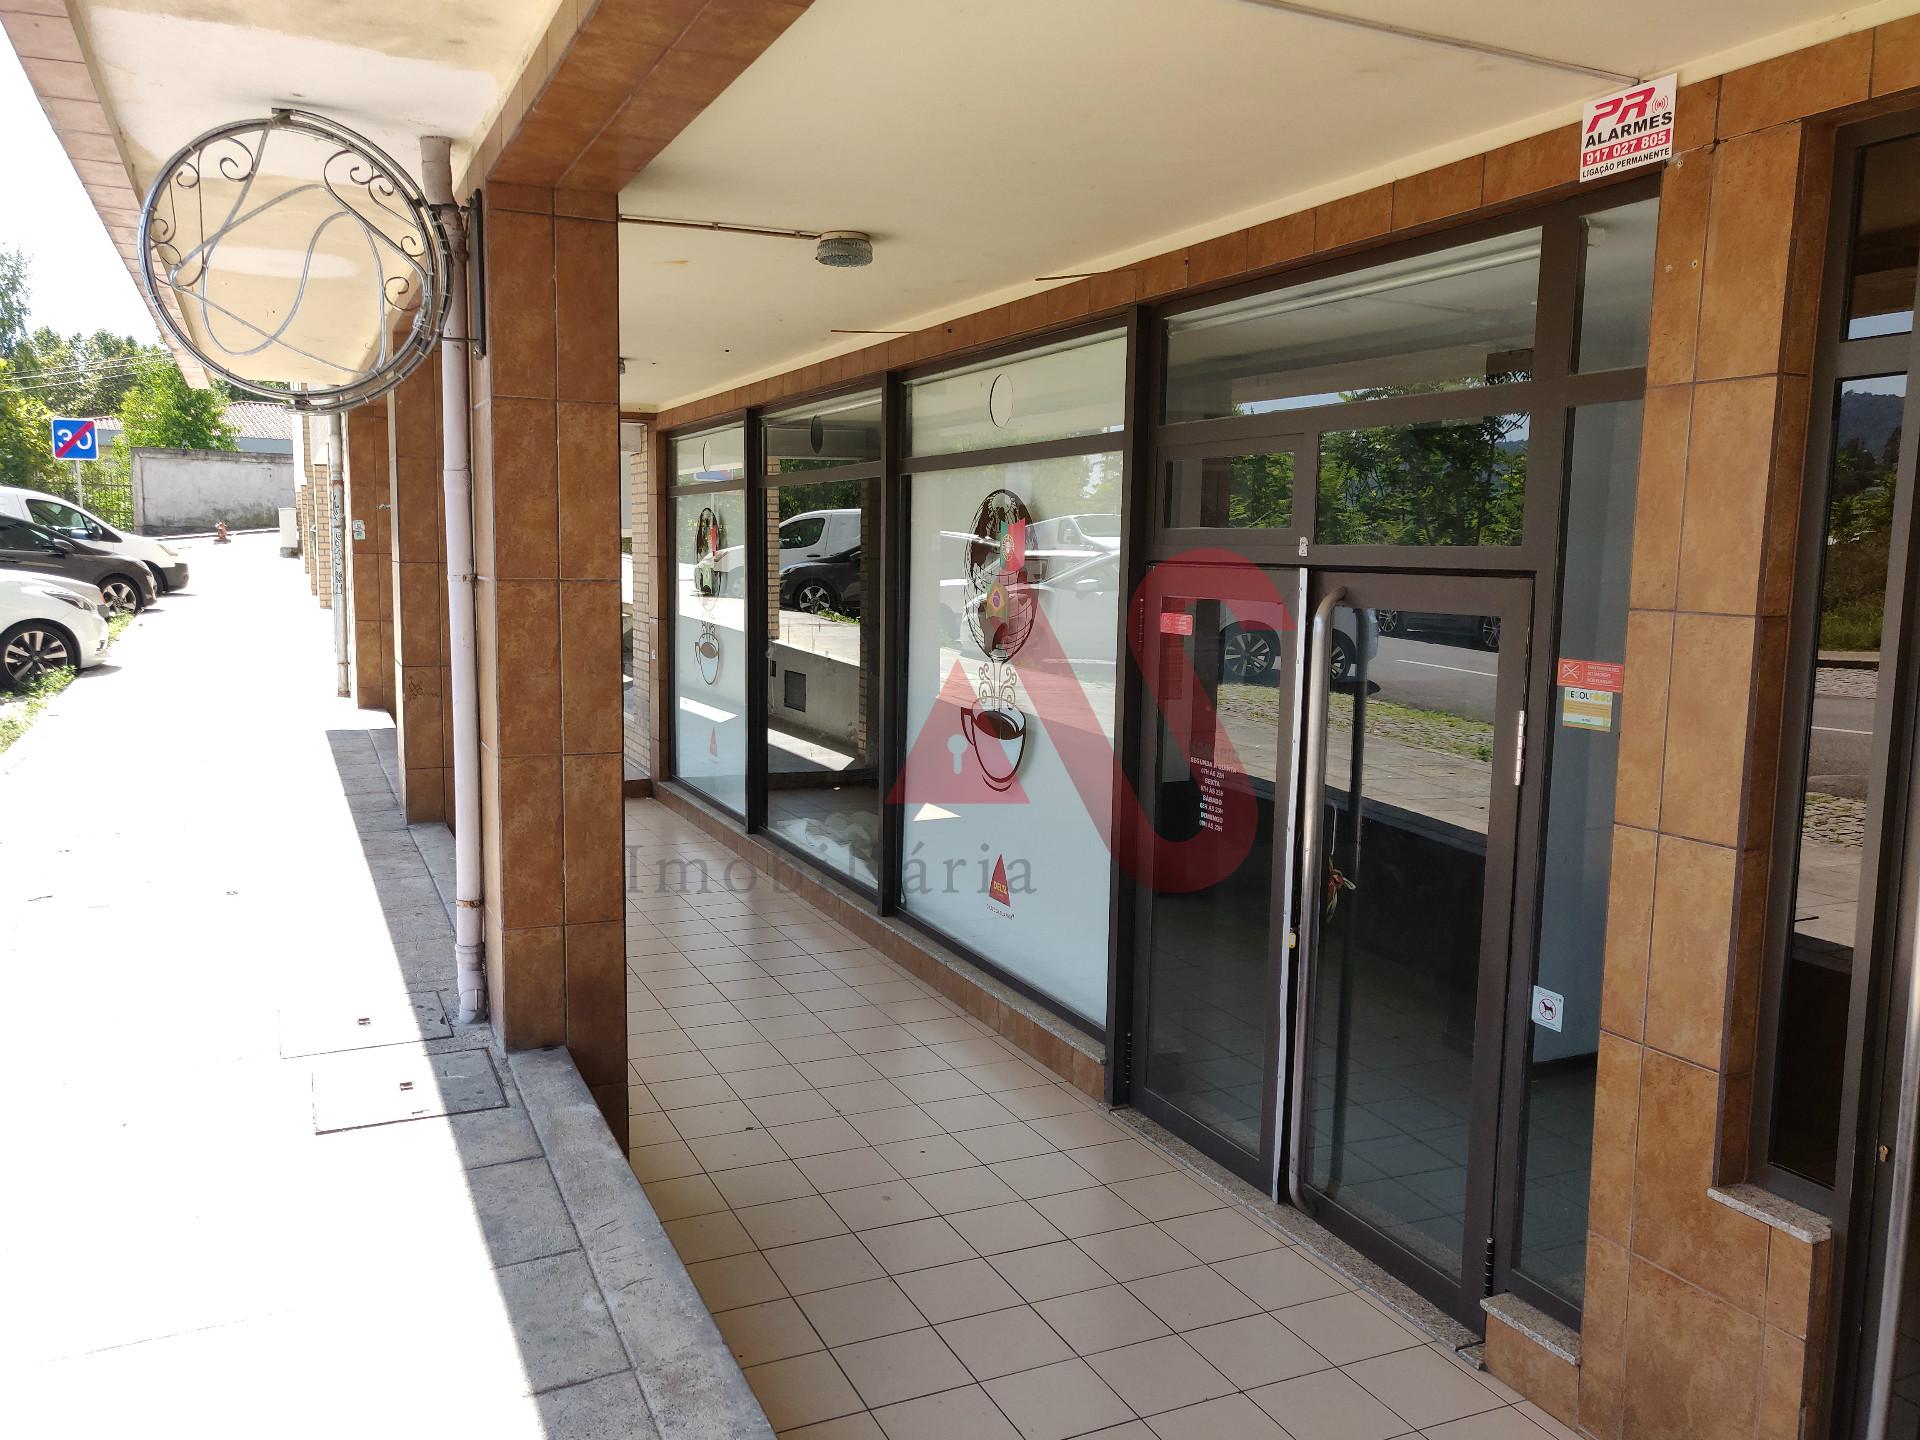 Loja com 160m2 para arrendamento em Fermentões, Guimarães.